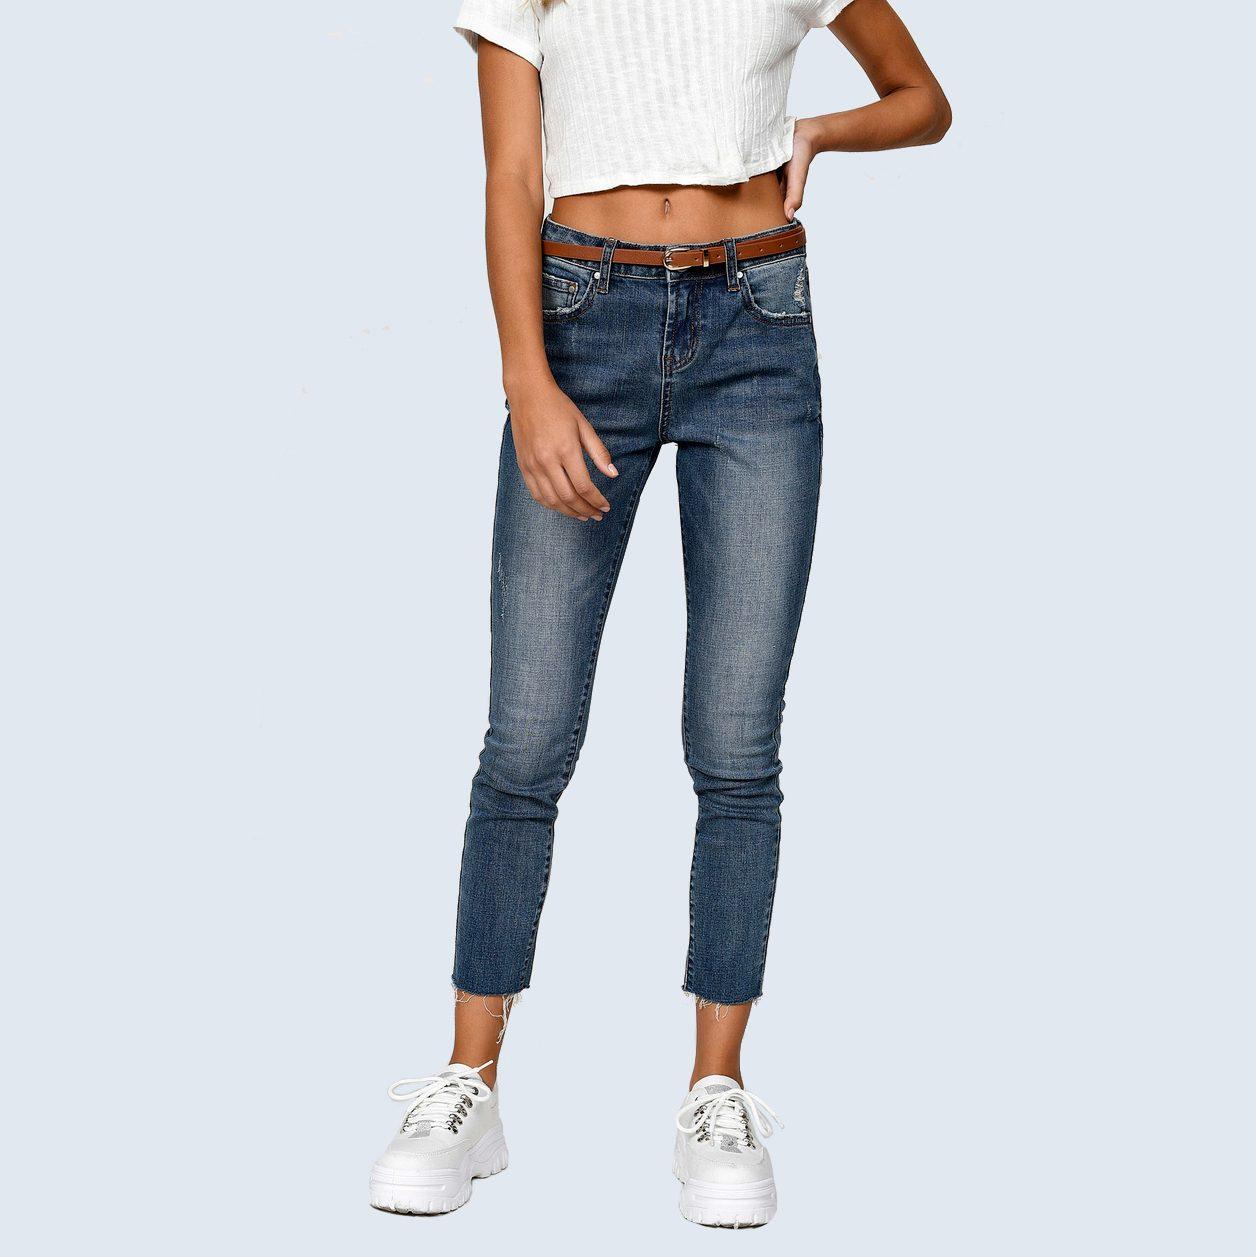 pants clothes sales